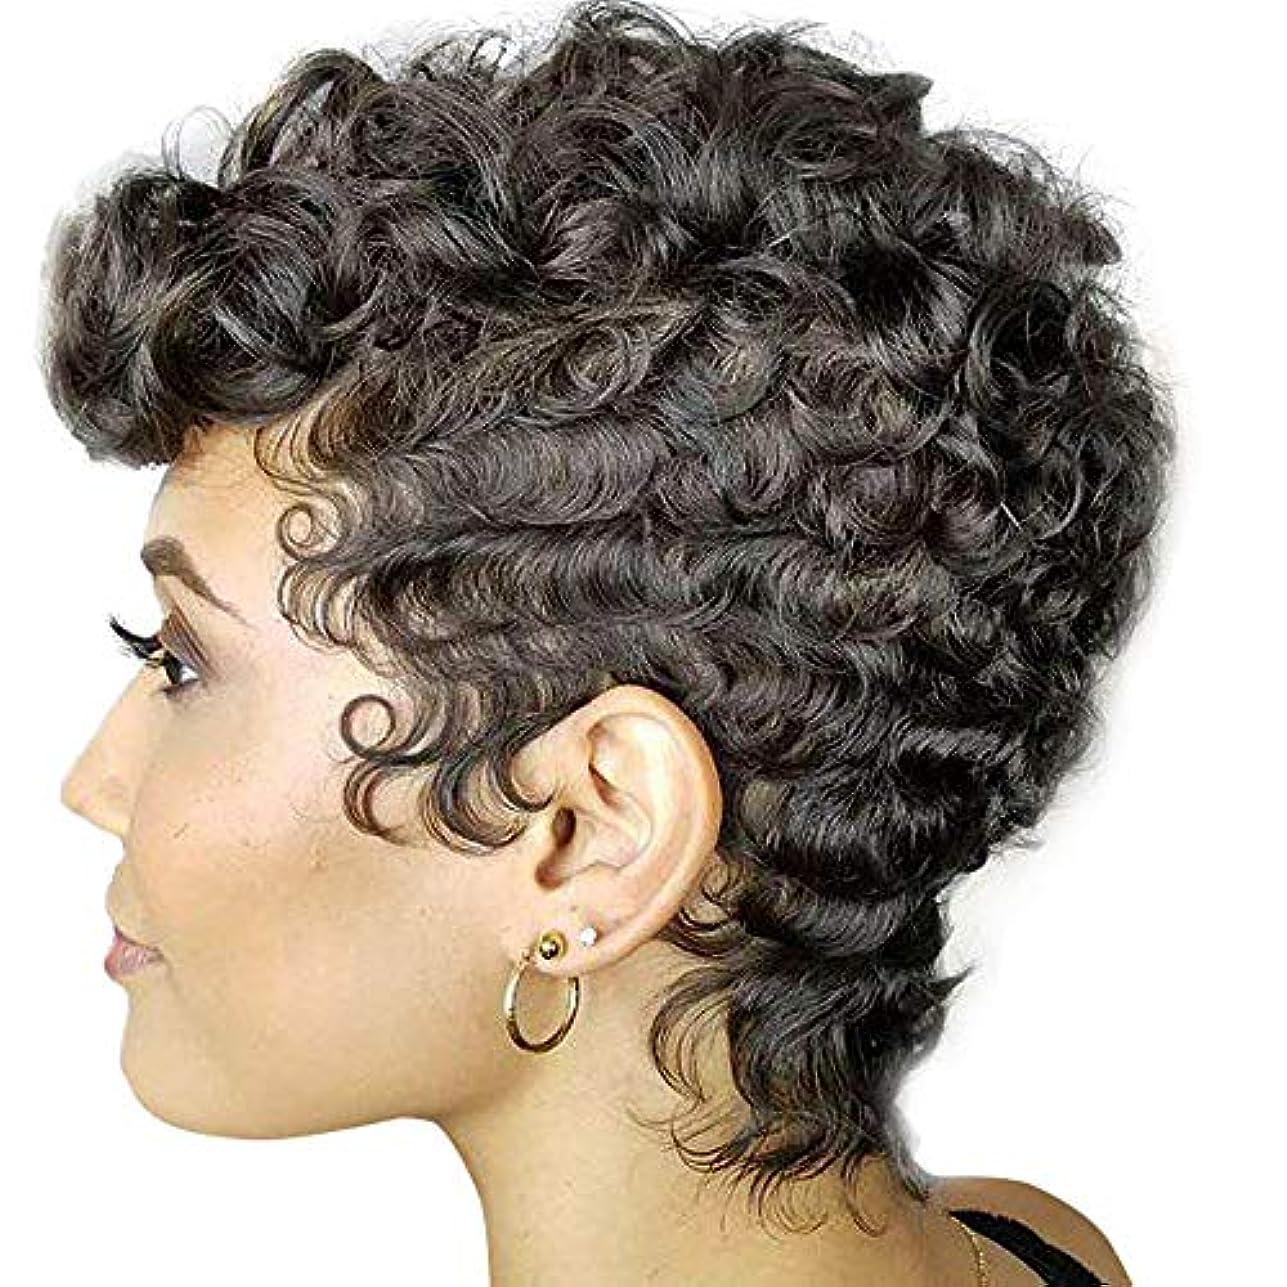 セール意欲抑止する女性ブラジル人毛ウィッグ合成カーリーウェーブヘアショートアフロカーリー爆発ヘッド180%密度黒8センチ